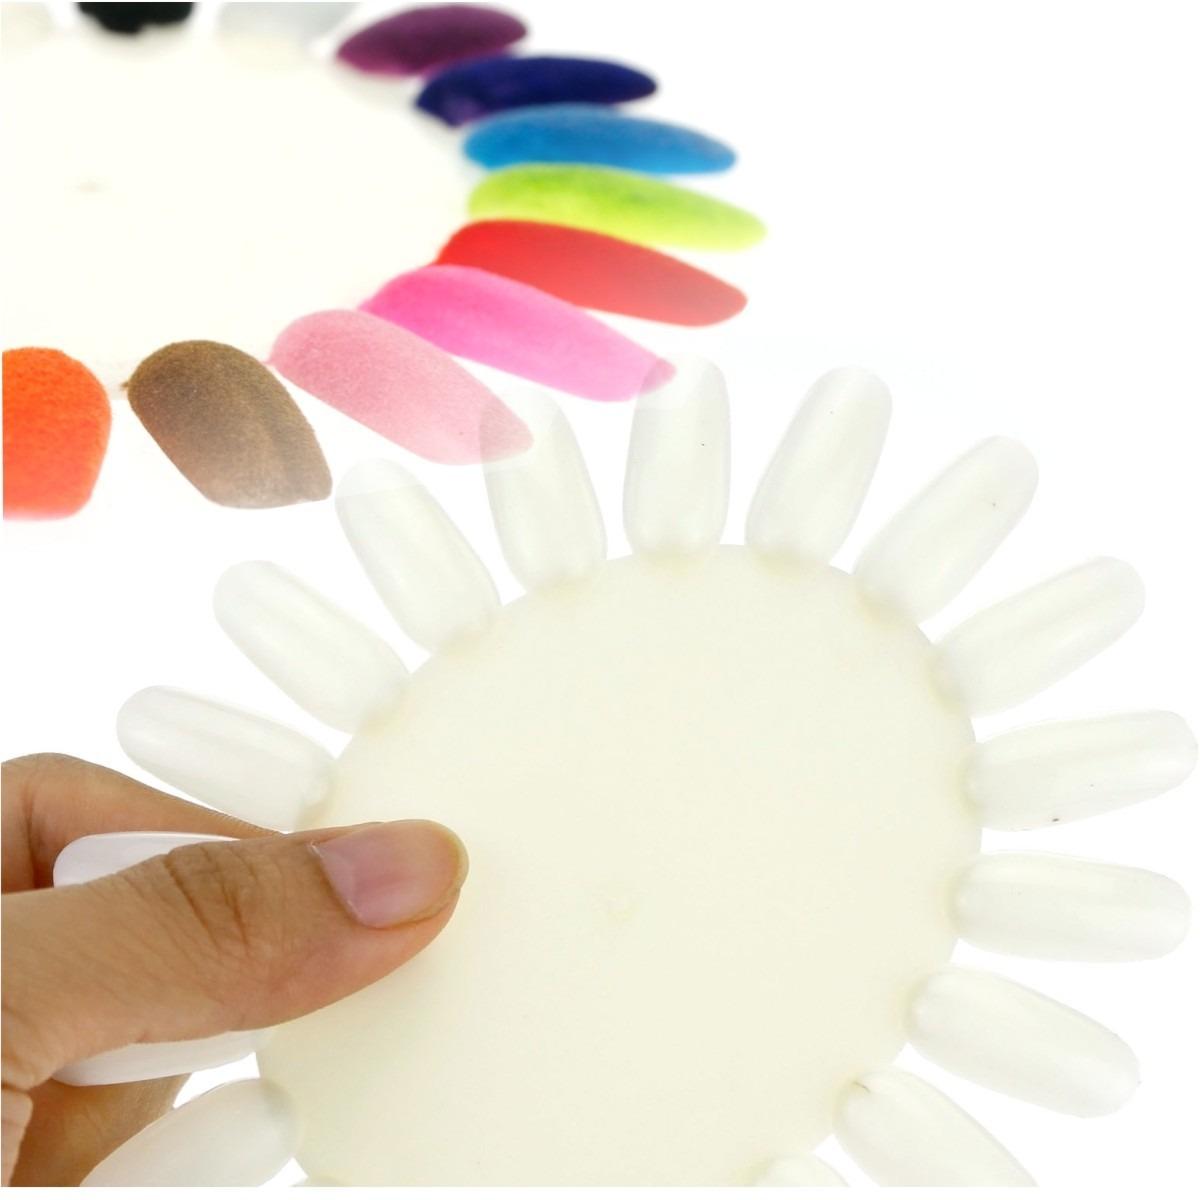 ¡ Exhibidor 20 Uñas Probador Mostrador Esmalte Nail Art